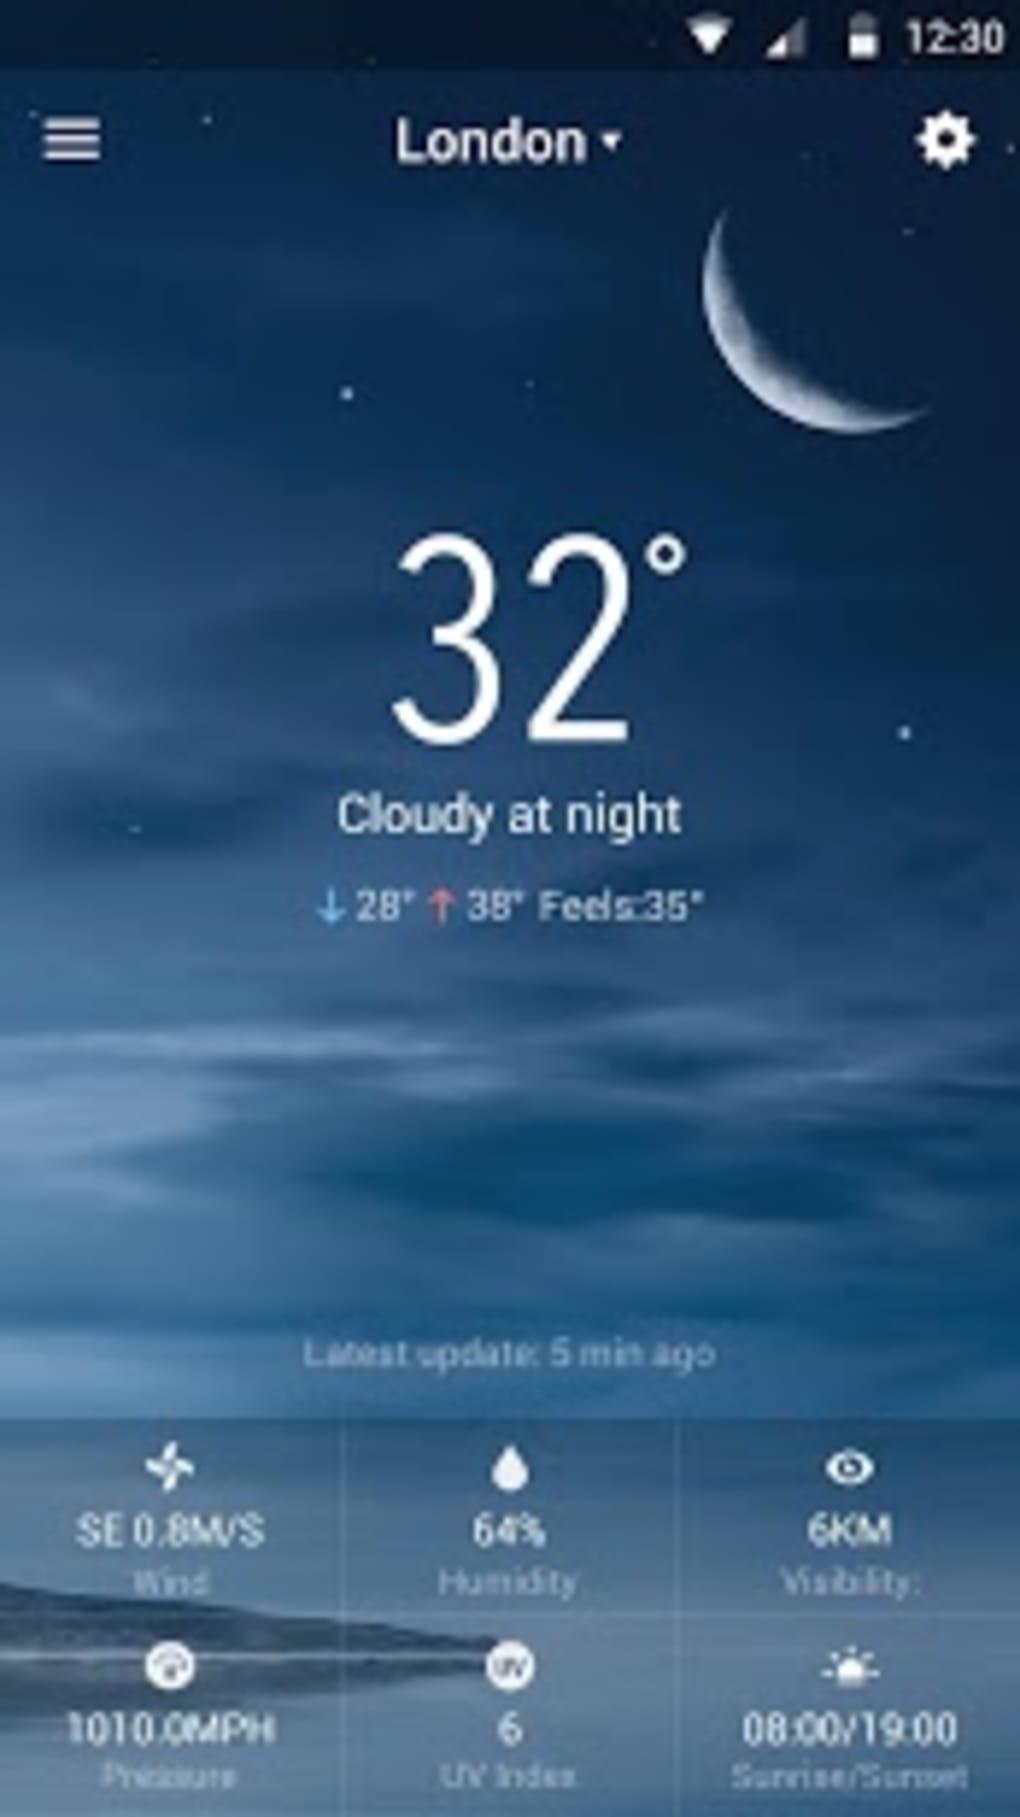 Clock & Weather Widget - Storm